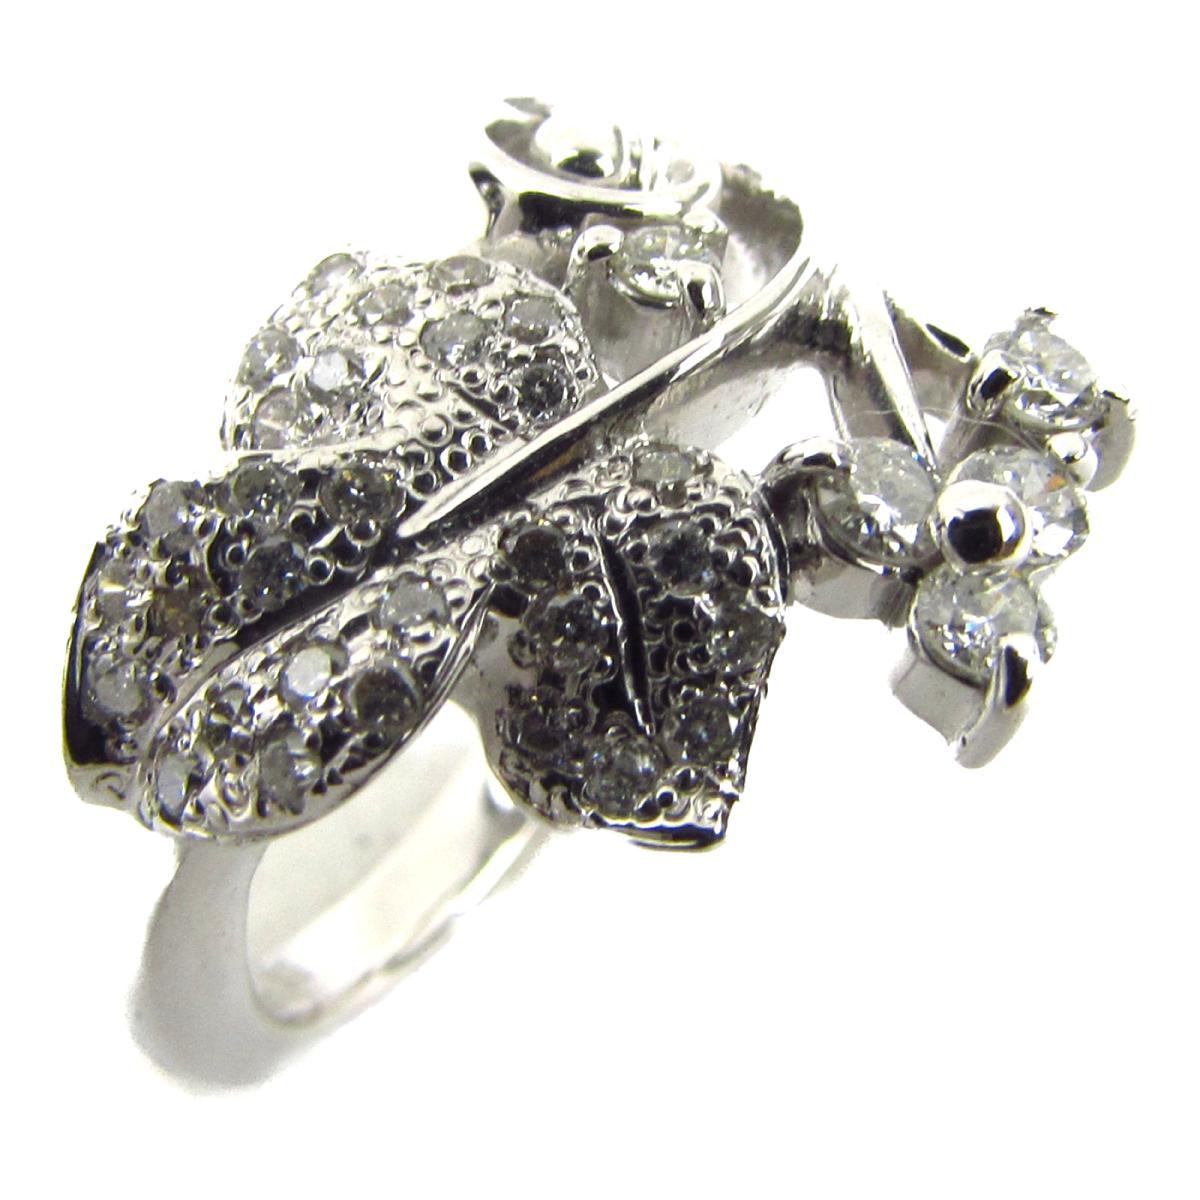 ジュエリー ダイヤモンド リング 指輪 ノーブランドジュエリー レディース K18WG (750) ホワイトゴールド x ダイヤモンド0.30ct 【中古】 | JEWELRY BRANDOFF ブランドオフ アクセサリー